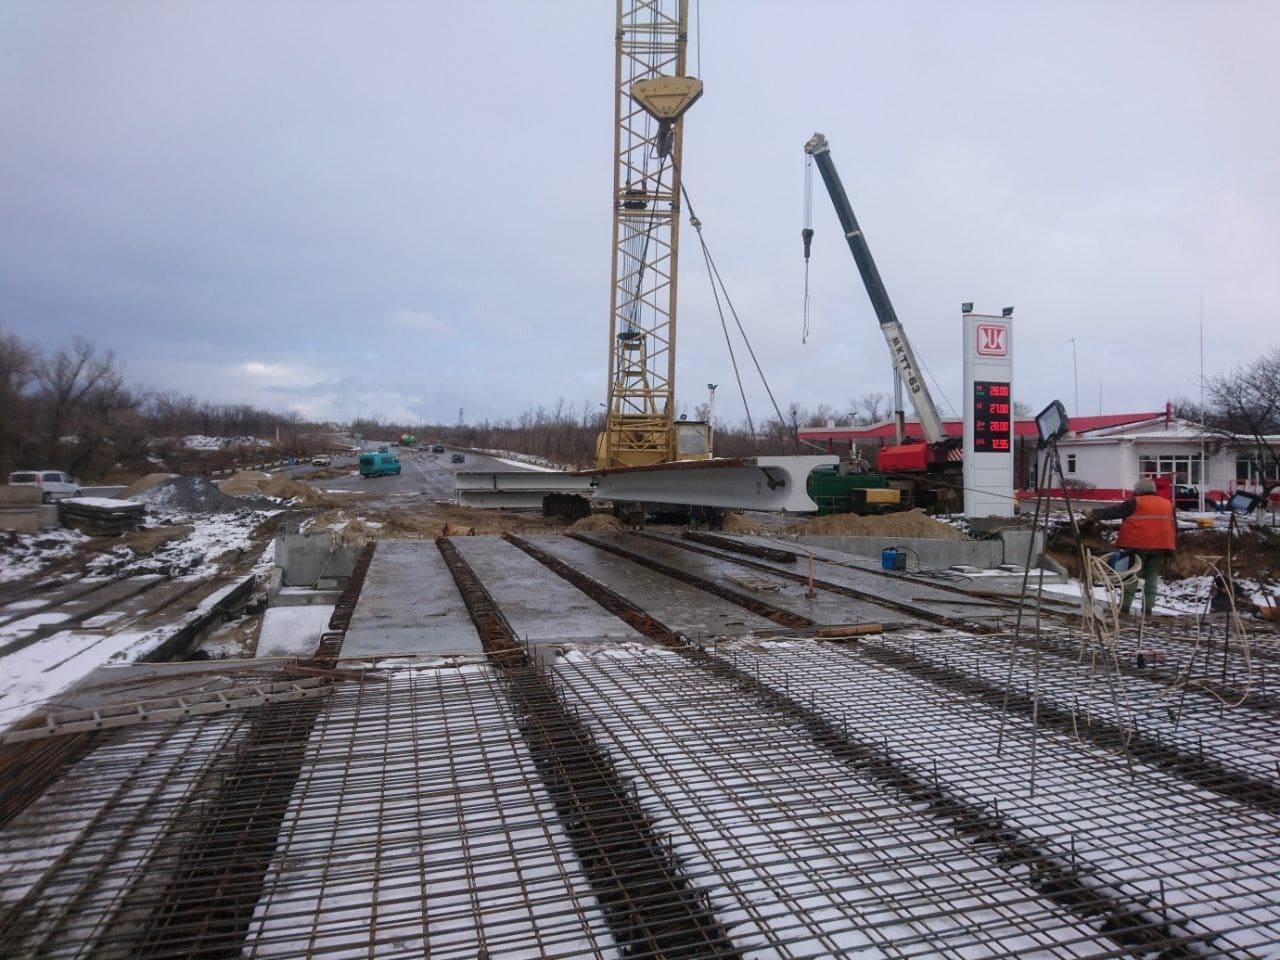 Ремонт моста через реку Сухая Балка на запорожской трассе: завершены основные строительно-монтажные работы - ФОТО